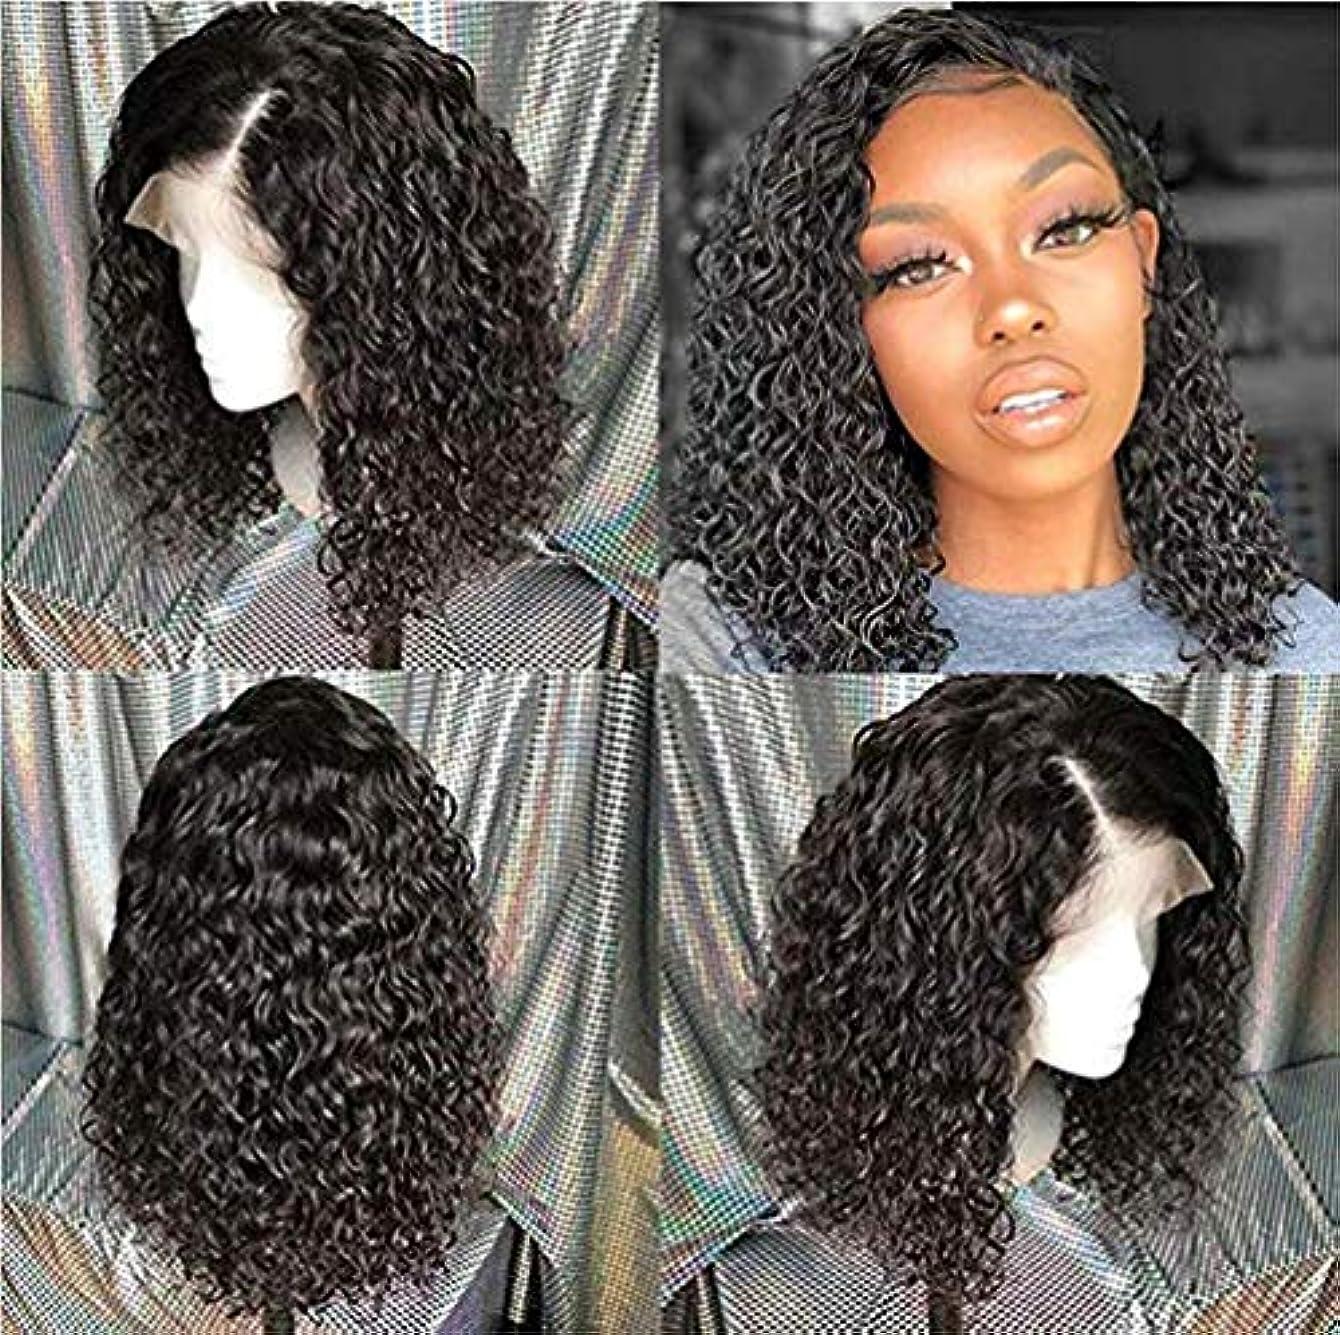 人気ののぞき穴サンダー女性用ウィッグディープウェーブレース前頭人毛女性用事前摘み取られた150%密度フルヘッド人毛エクステンションブラジル人毛